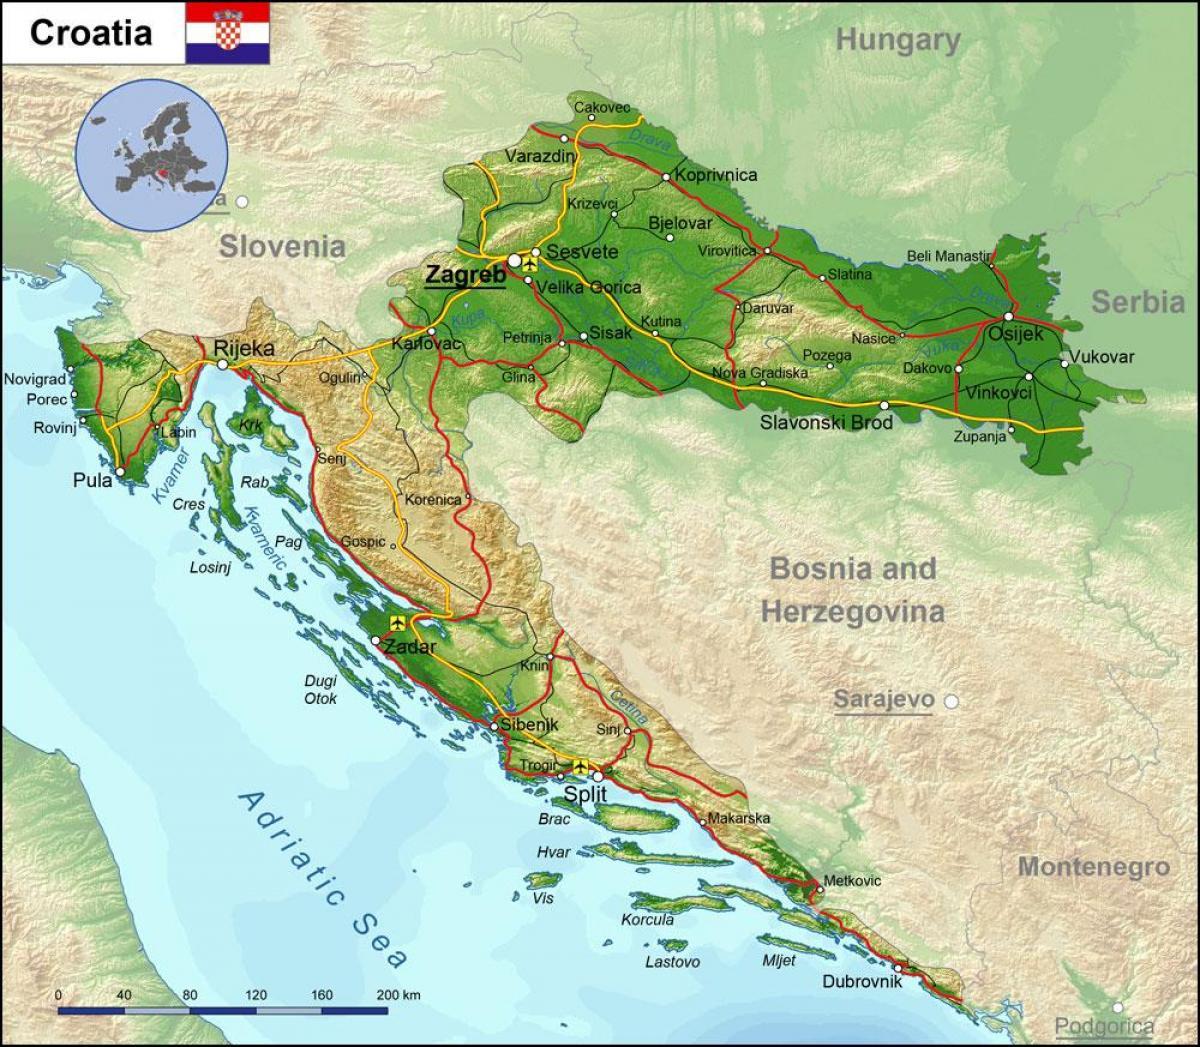 Cartina Geografica Fisica Della Romania.Mappe Della Croazia Trasporti Geografia E Mappe Turistiche Della Croazia Nell Europa Meridionale